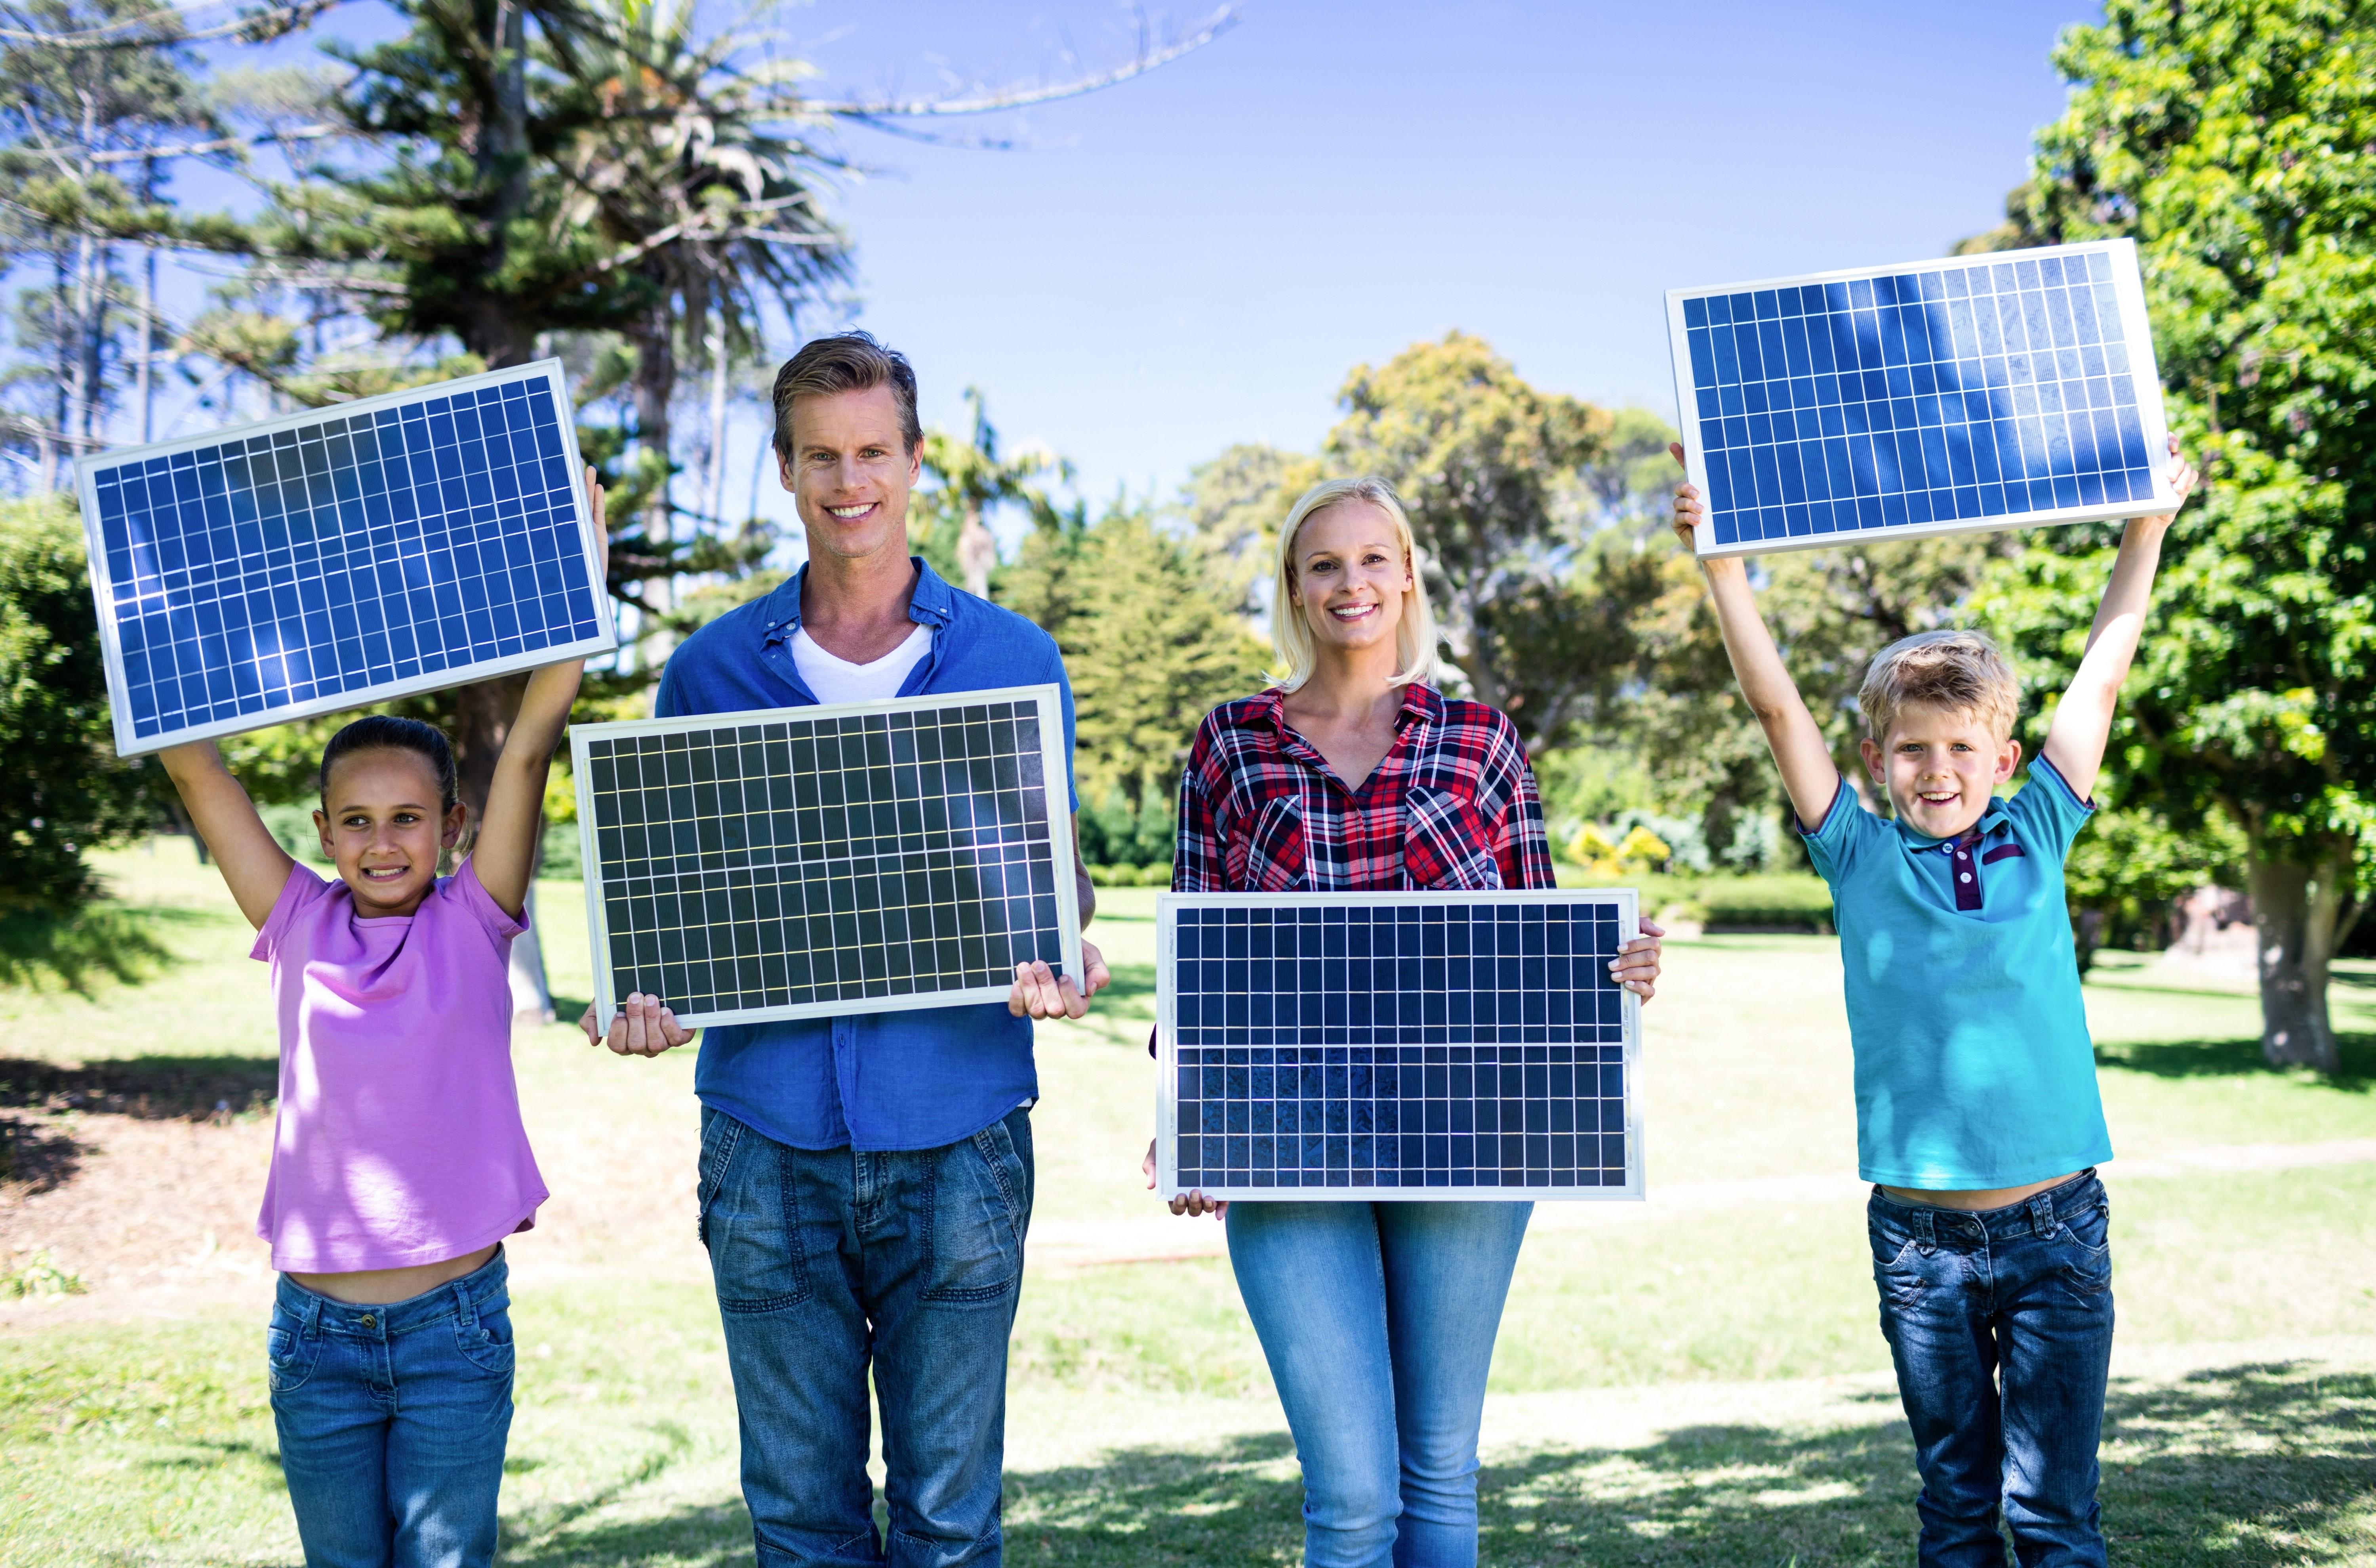 impianto fotovoltaico famiglia